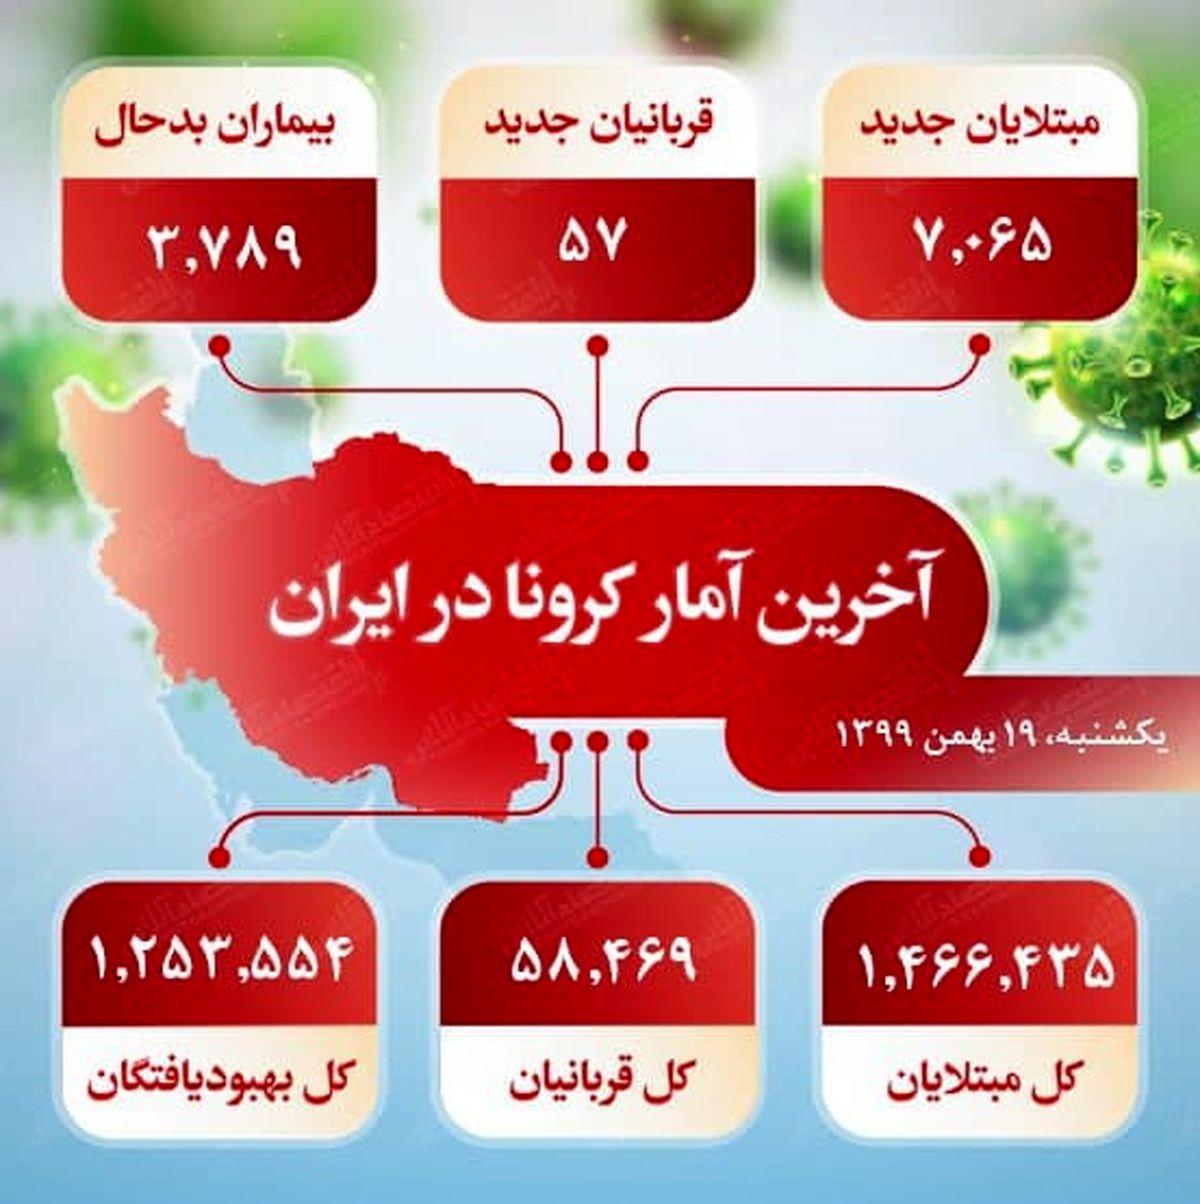 آخرین آمار کرونا در ایران (۹۹/۱۱/۱۹)